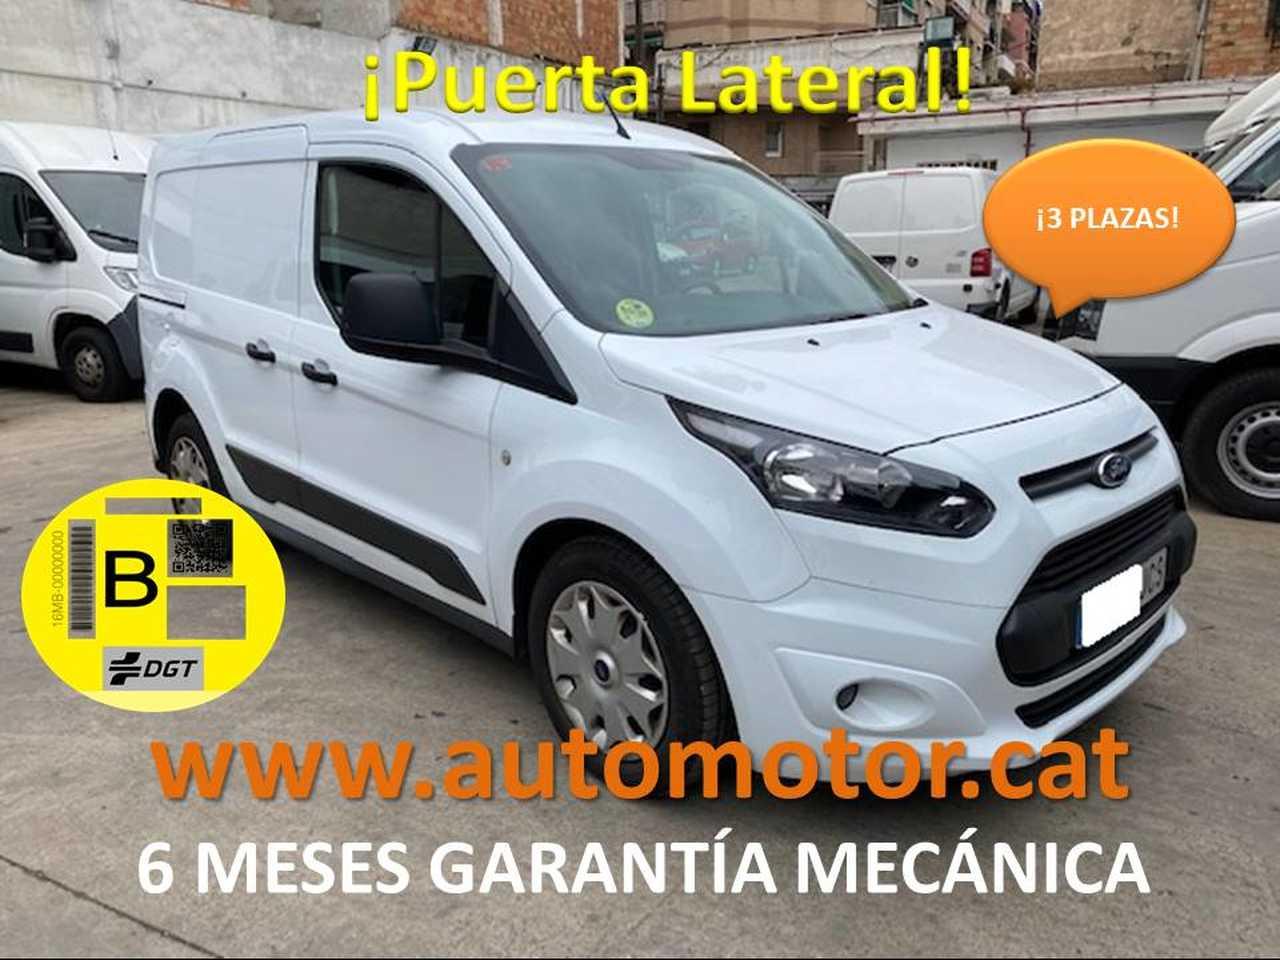 Ford Transit Connect FT 200 Van L1 Trend 75 - GARANTIA MECANICA  - Foto 1